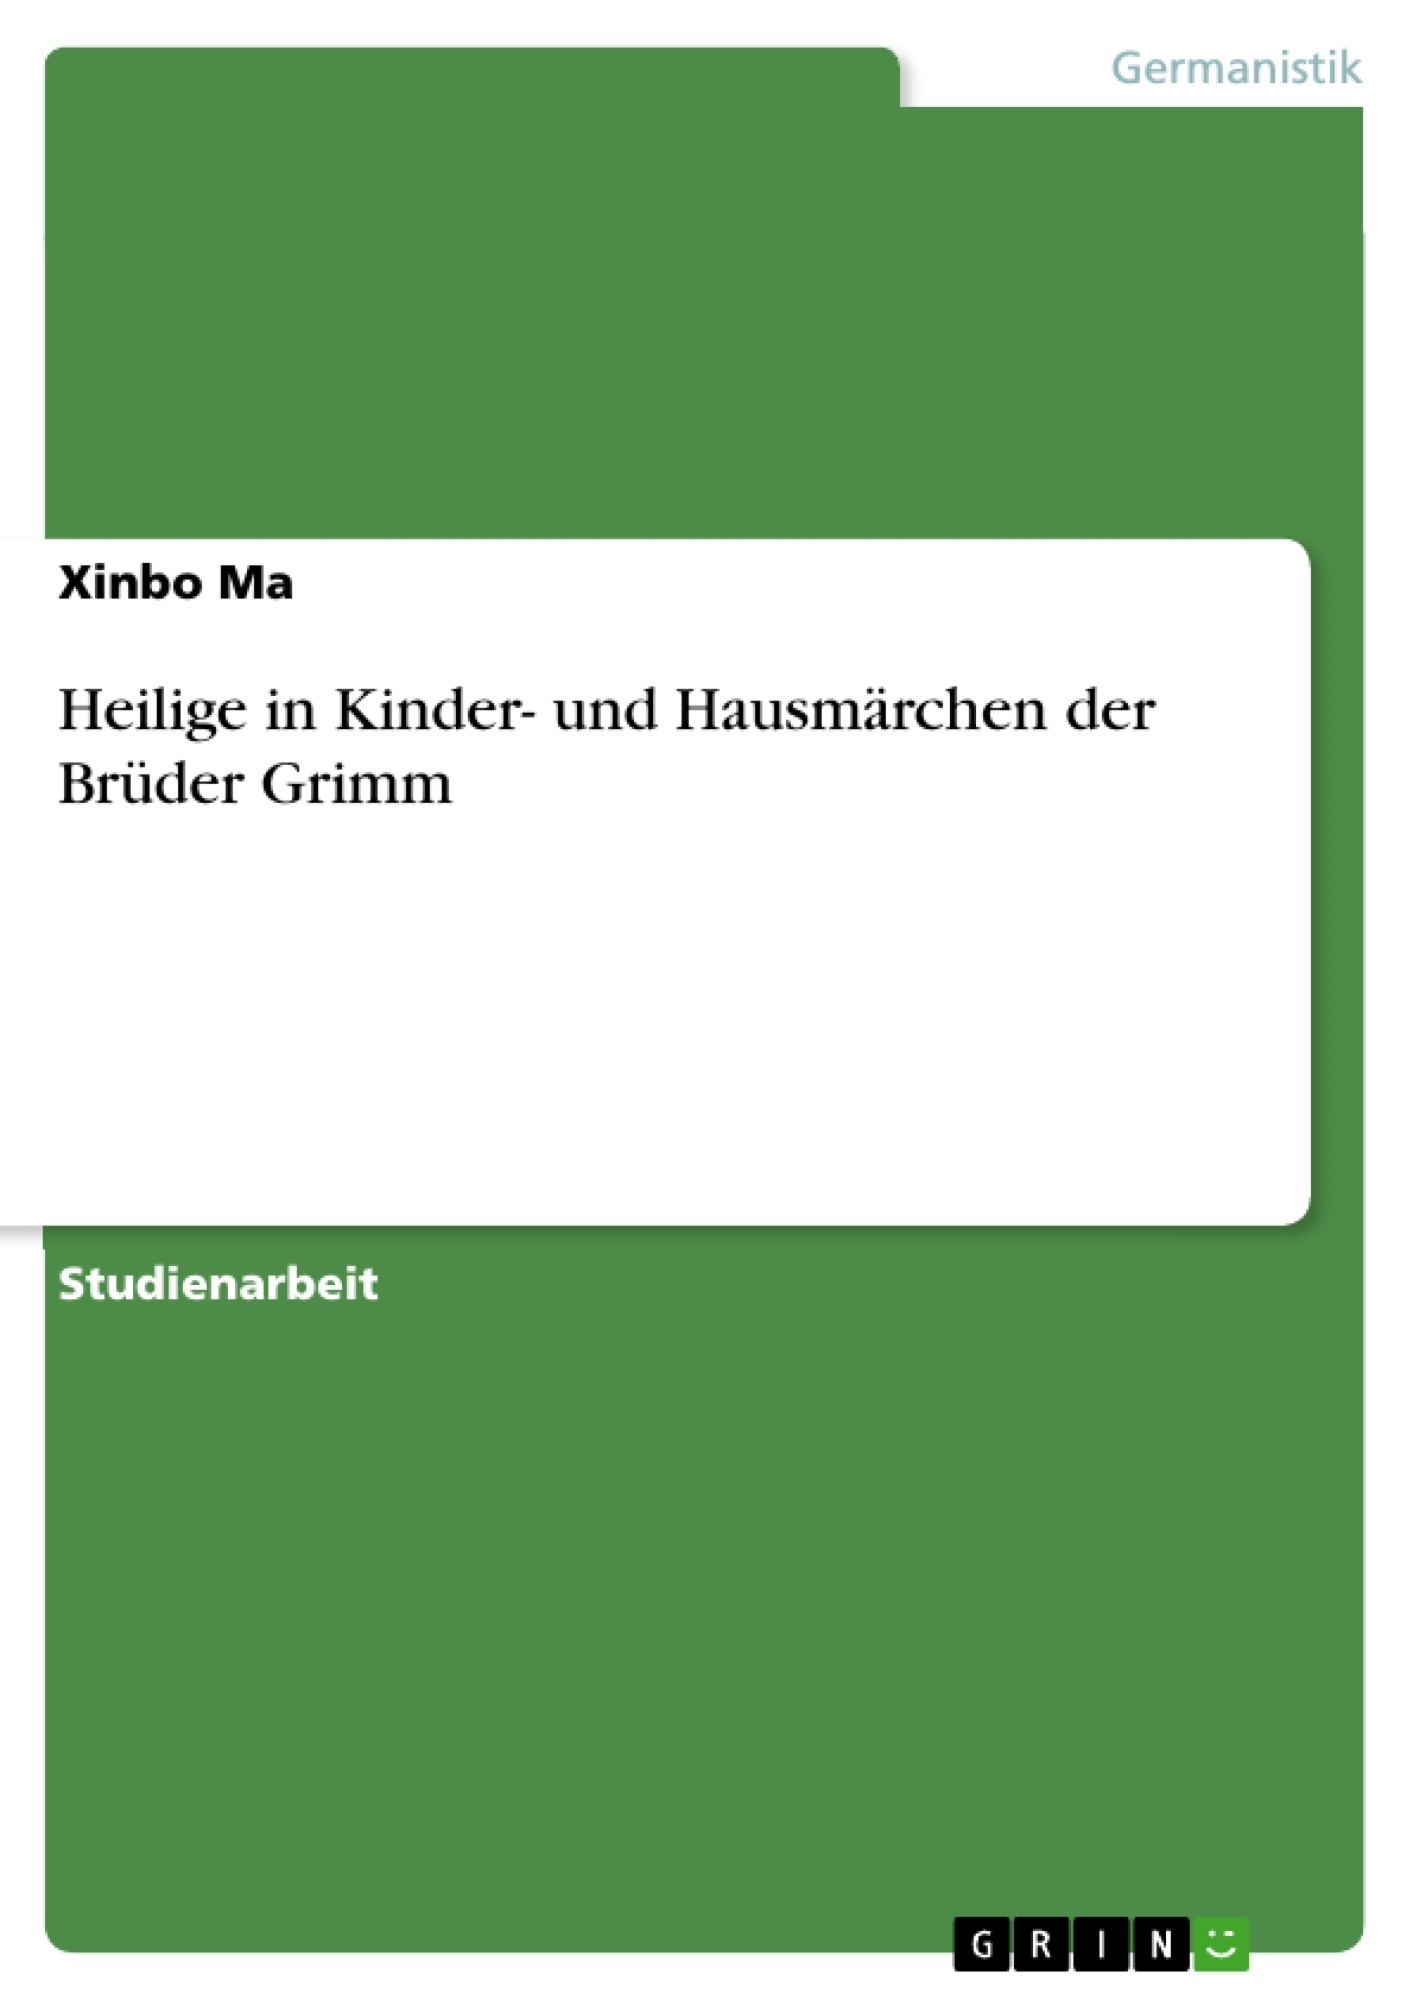 Titel: Heilige in Kinder- und Hausmärchen der Brüder Grimm